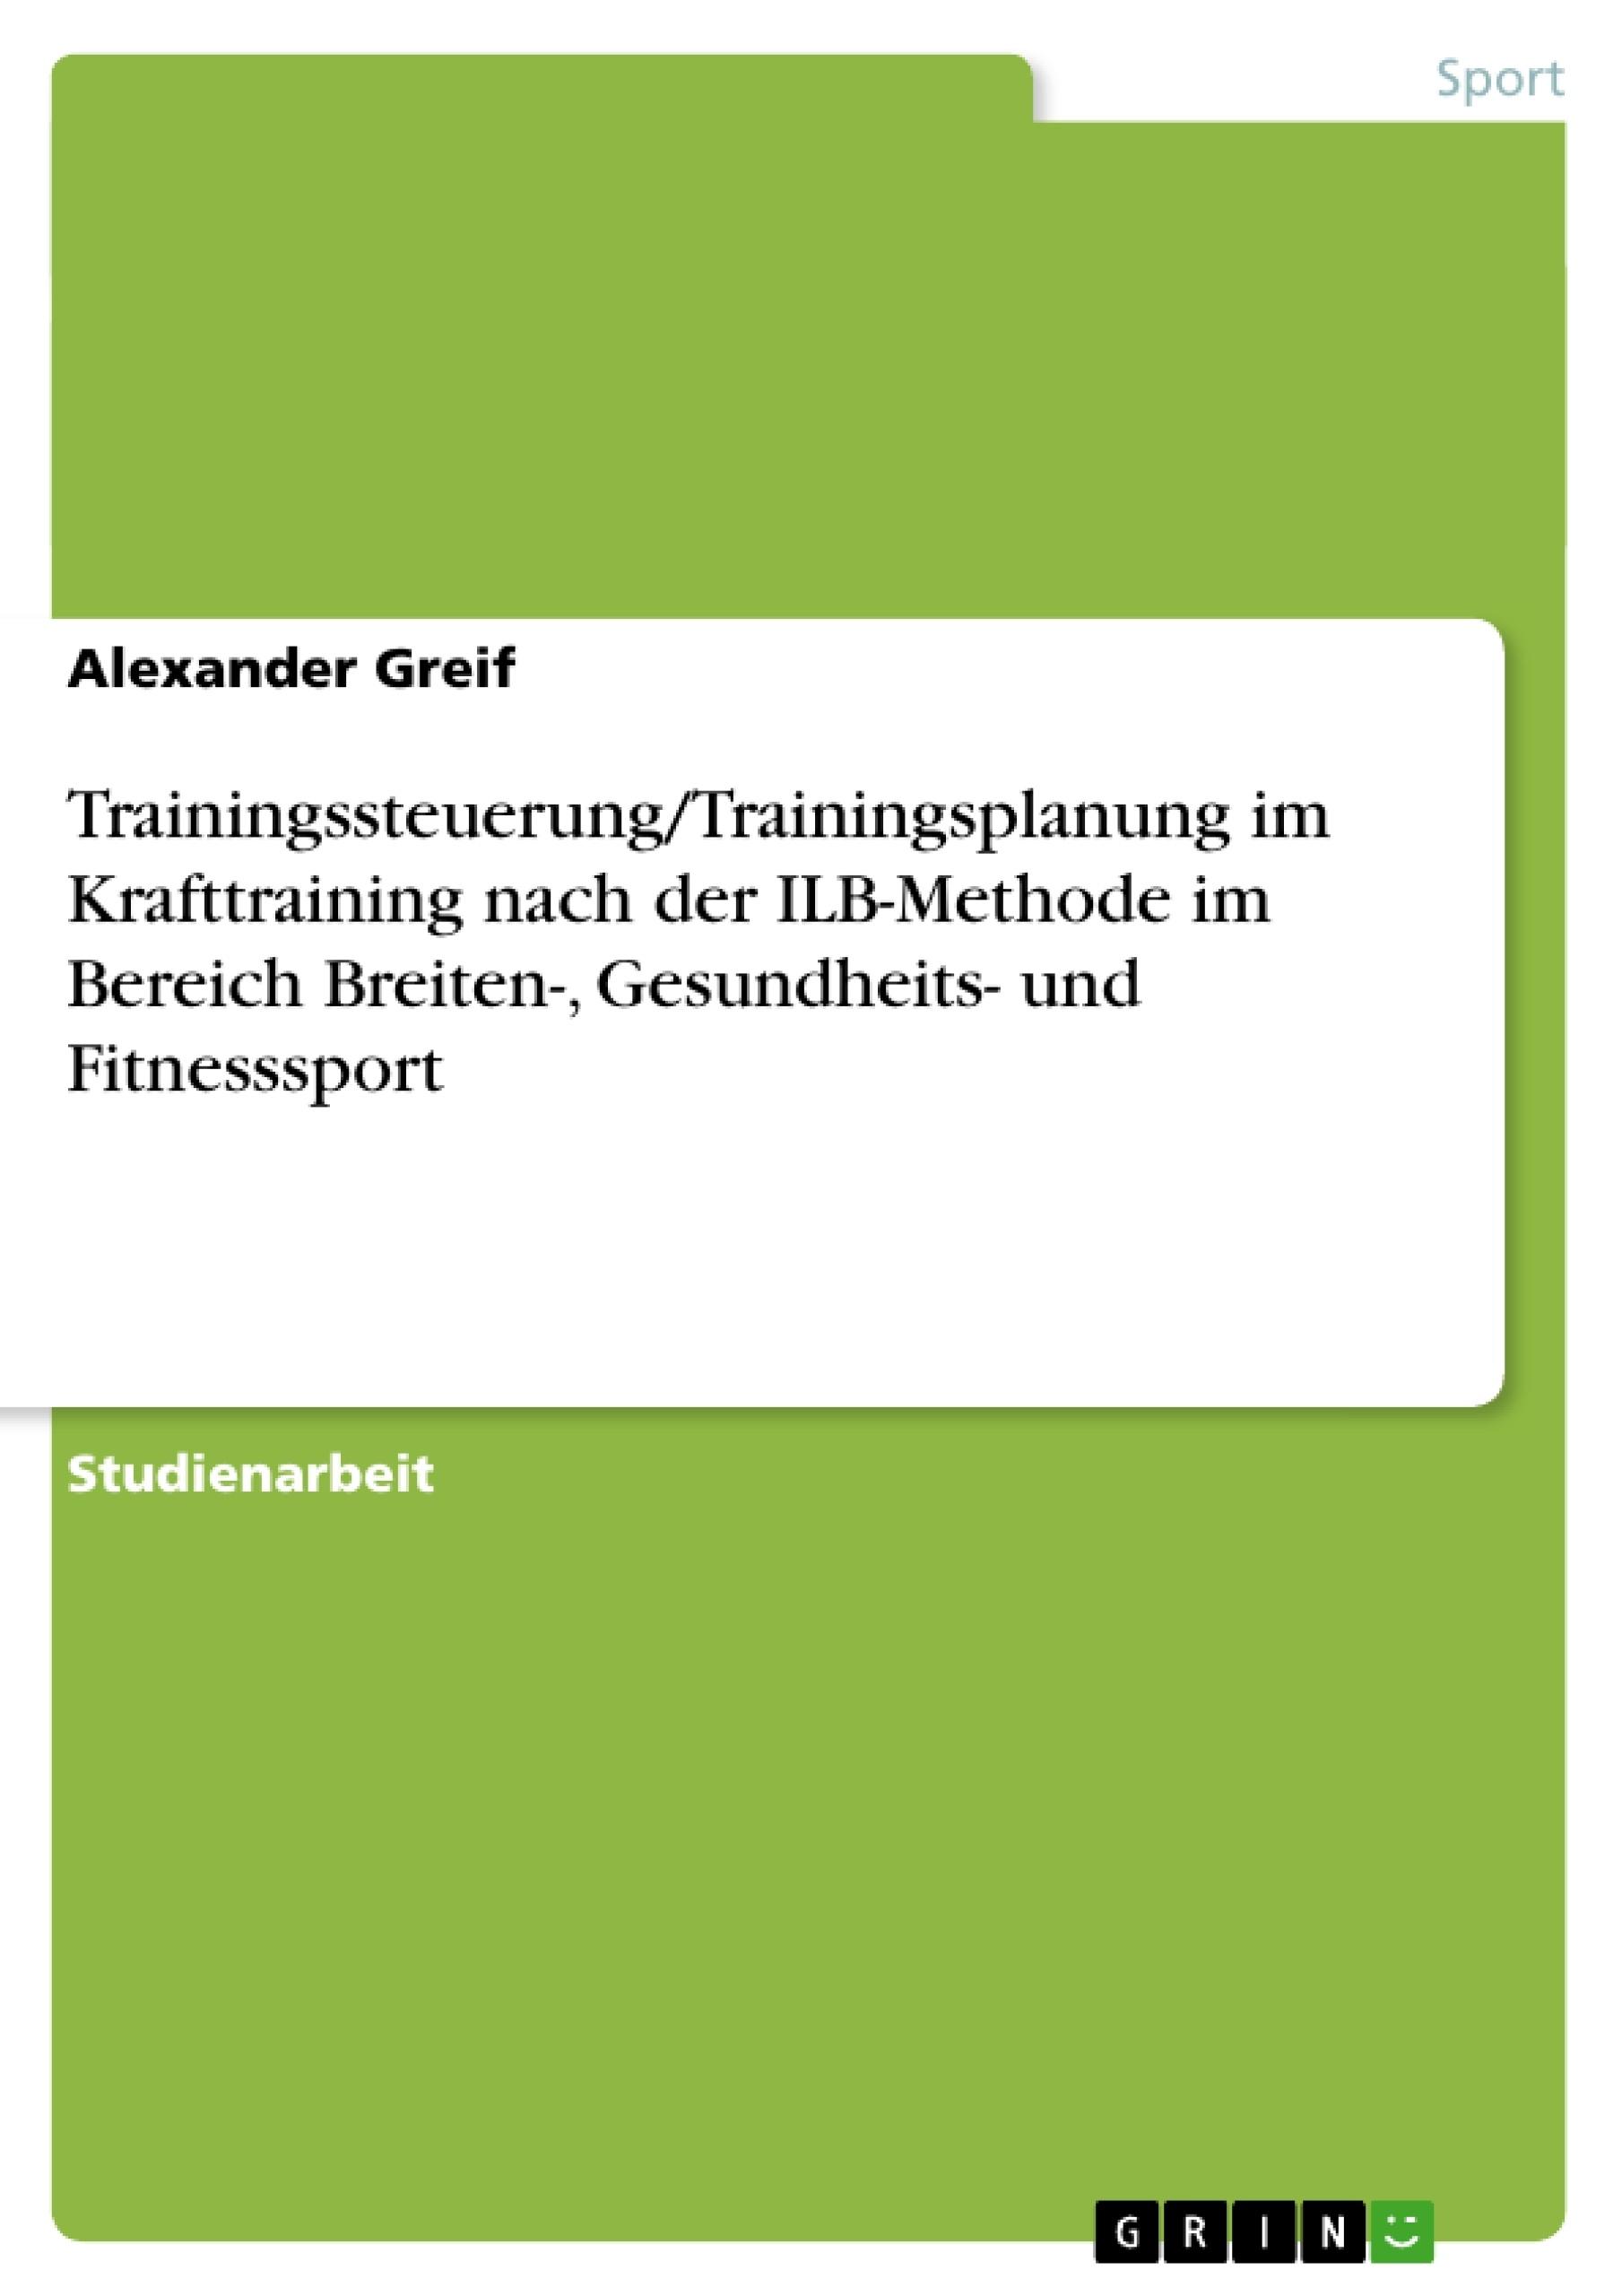 Titel: Trainingssteuerung/Trainingsplanung im Krafttraining nach der ILB-Methode im Bereich Breiten-, Gesundheits- und Fitnesssport